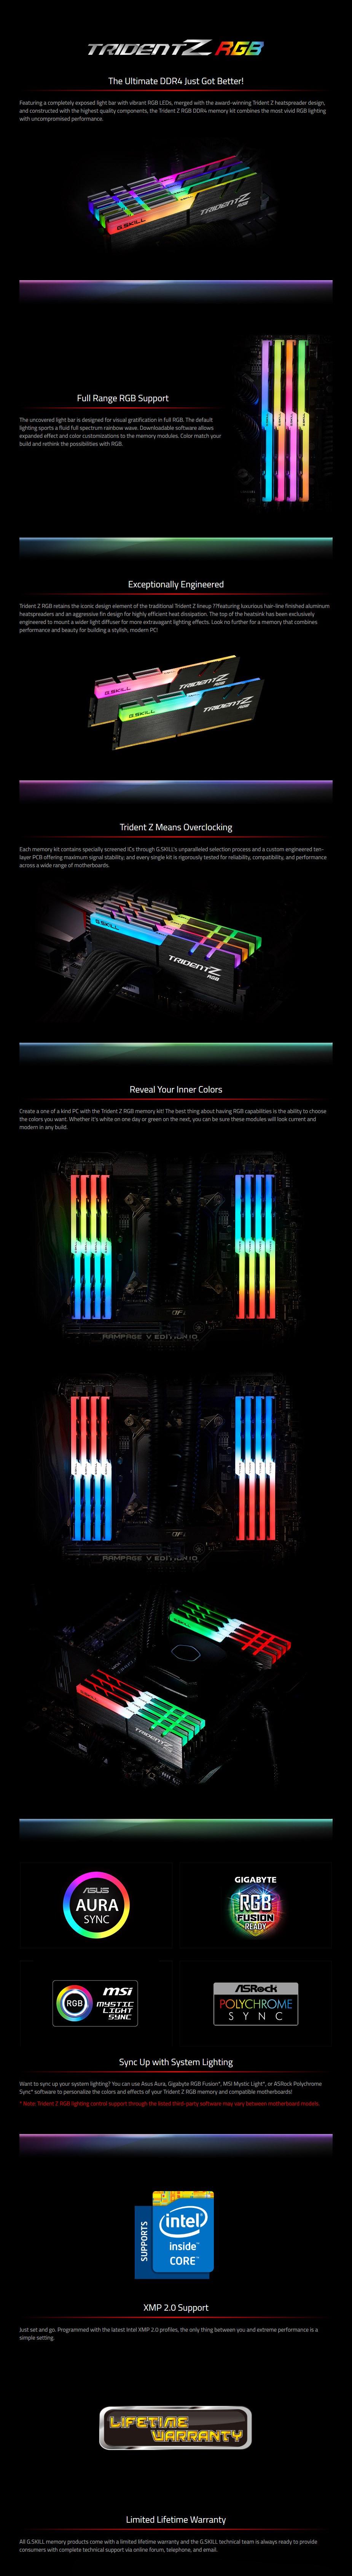 gskill-trident-z-rgb-16gb-2x-8gab-ddr4-3600mhz-memory-ac28599-2.jpg